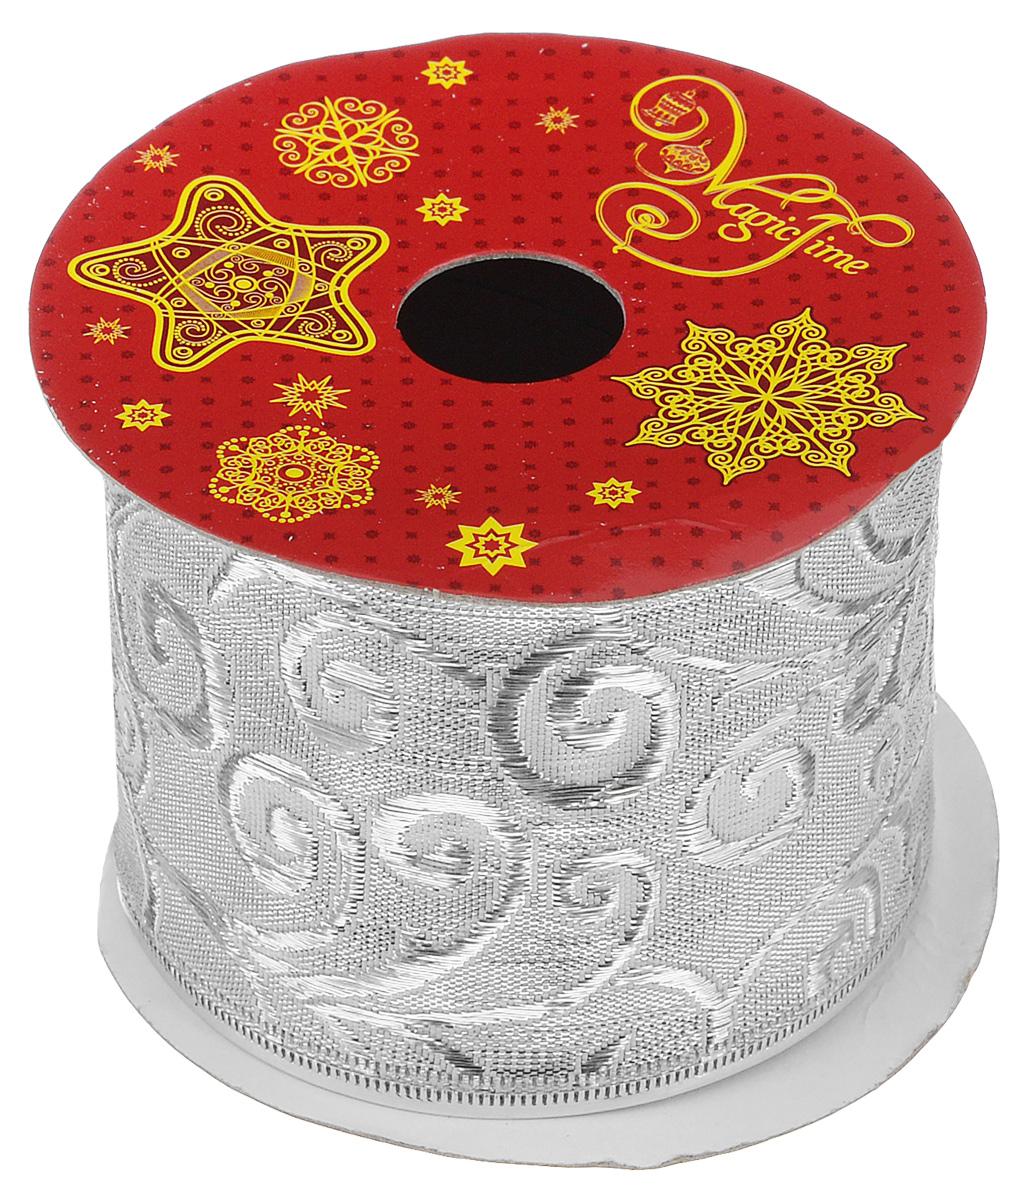 Декоративная лента Magic Time, цвет: серебристый, длина 2,7 м. 3890738907Декоративная лента Magic Time выполнена из полиэстера и декорированаоригинальным витым узором. В края ленты вставлена проволока, благодаря чему еелегко фиксировать. Лента предназначена для оформления подарочных коробок,пакетов. Кроме того, декоративная лента с успехом применяется дляхудожественного оформления витрин, праздничногооформления помещений, изготовления искусственных цветов.Декоративная лента украсит интерьер вашего дома к праздникам.Ширина ленты: 6,3 см.